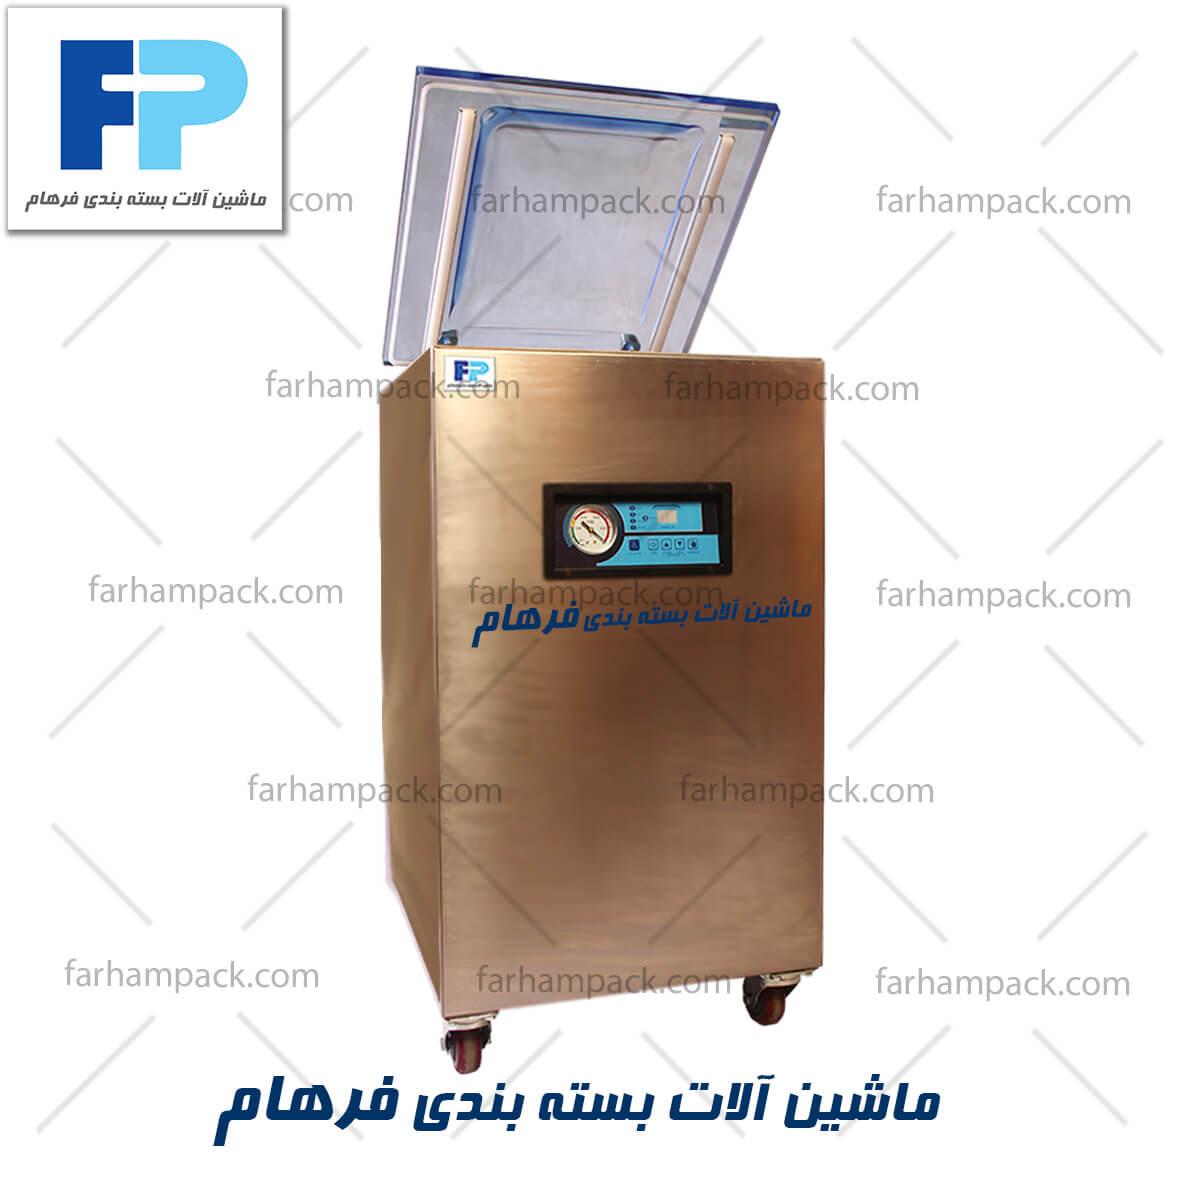 وکیوم مواد غذایی-وکیوم بسته بندی-دستگاه بسته بندی-قیمت دستگاه بسته بندی وکیوم-دستگاه بسته بندی وکیوم